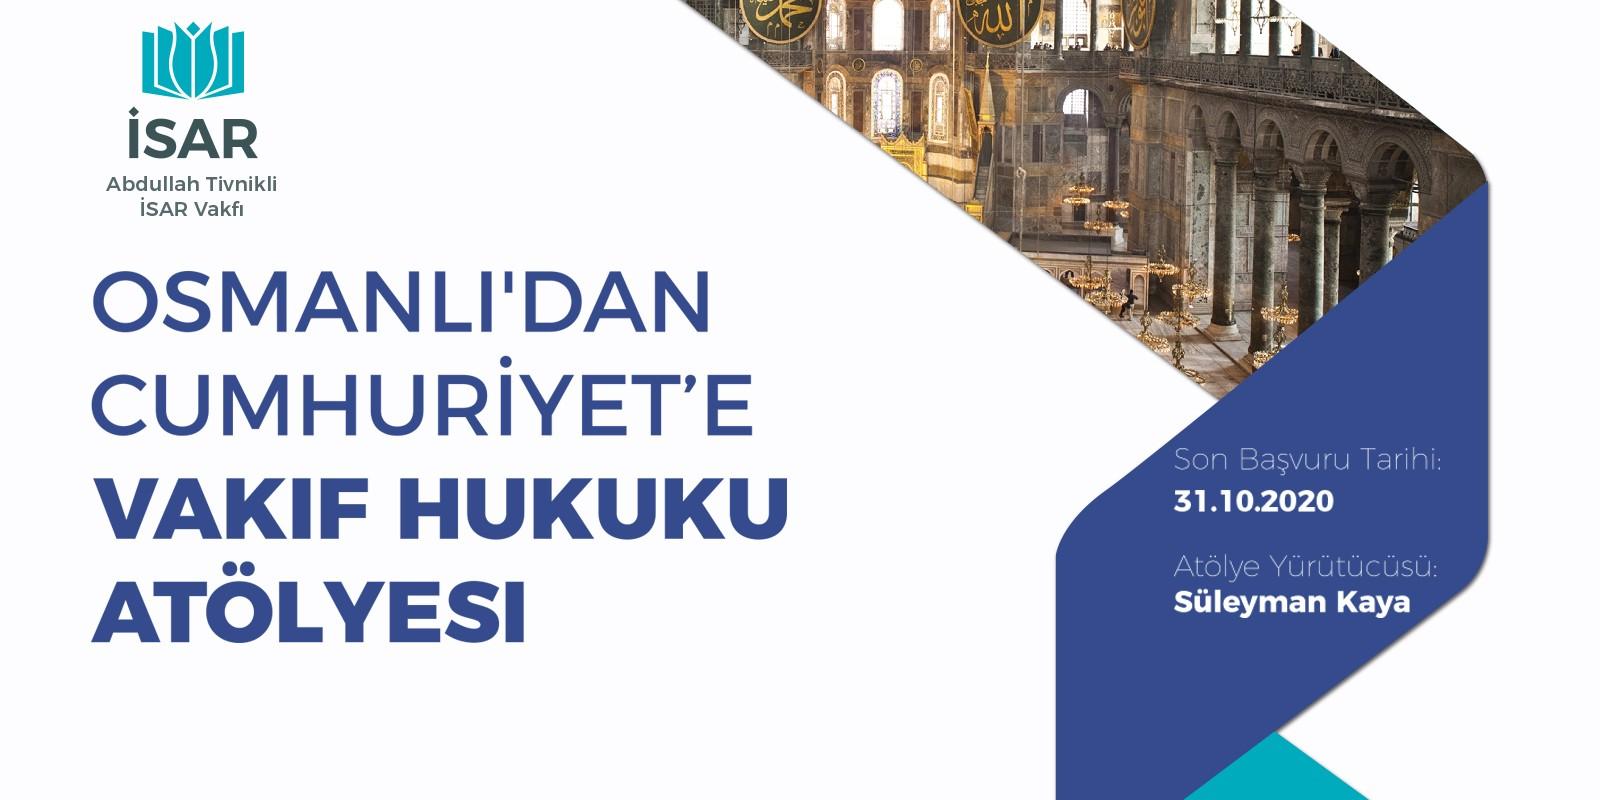 Osmanlı'dan Cumhuriyete Vakıf Hukuku Atölyemiz Başlıyor